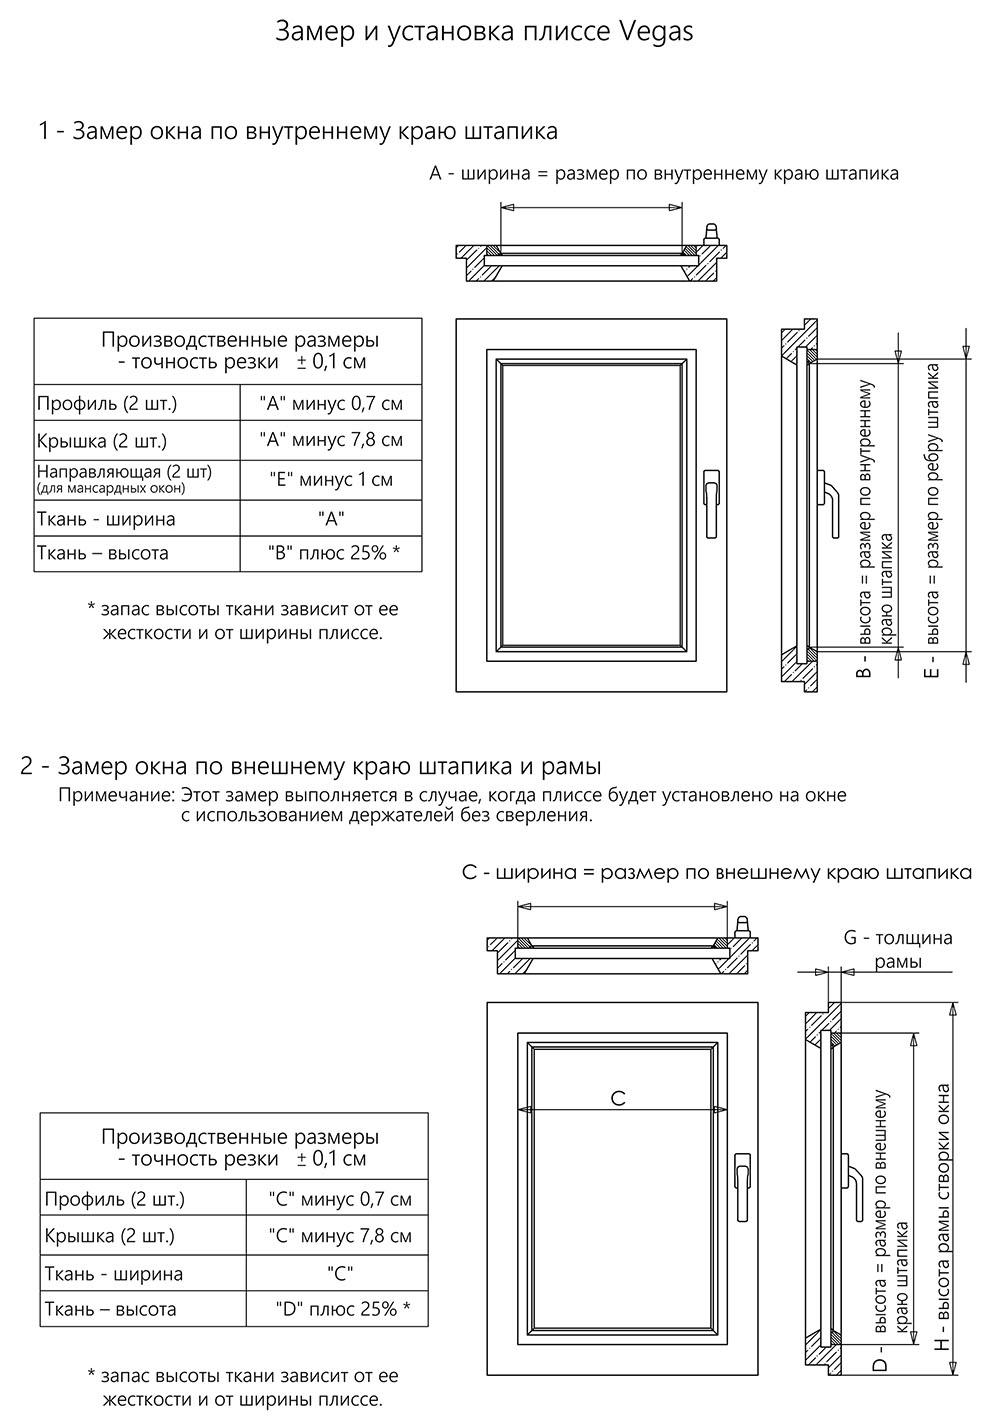 instruction 1 - Плиссе для стандартных окон